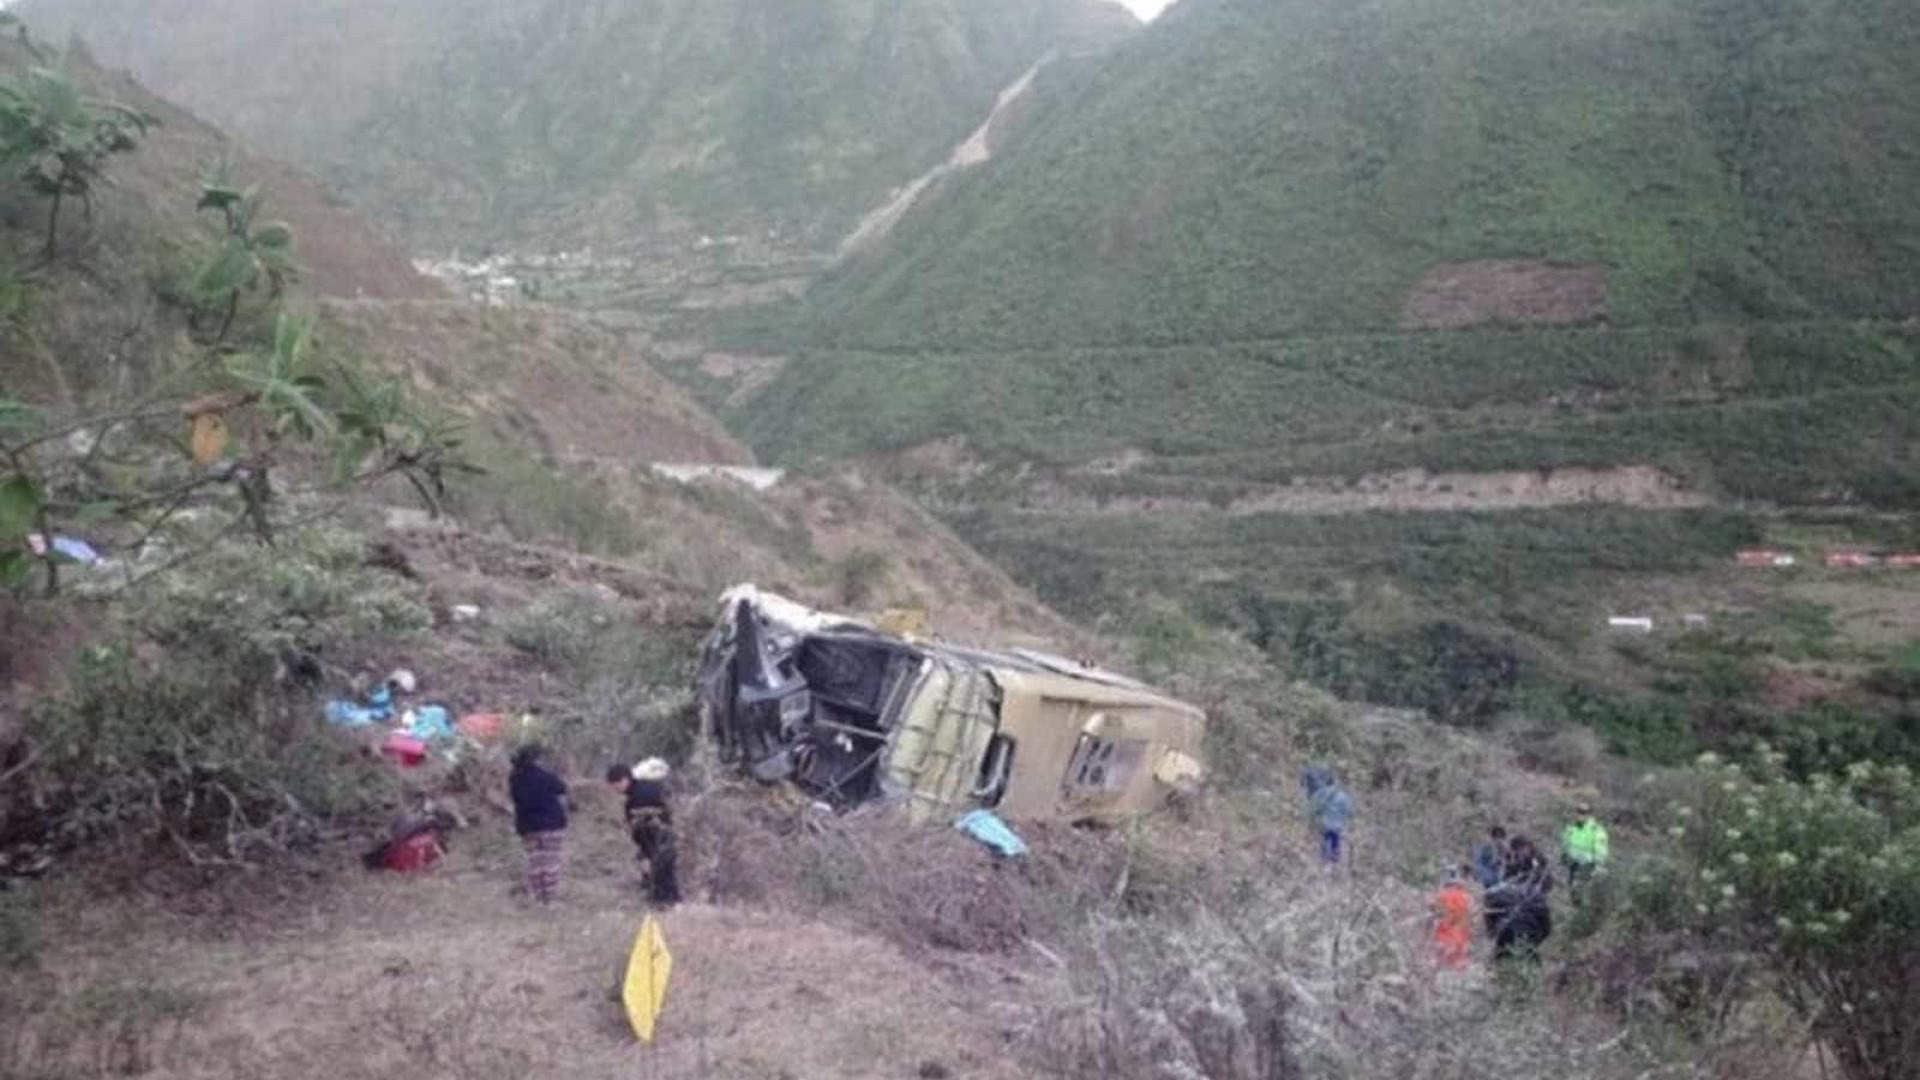 Casal brasileiro relata momentos de terror após queda de ônibus no Peru